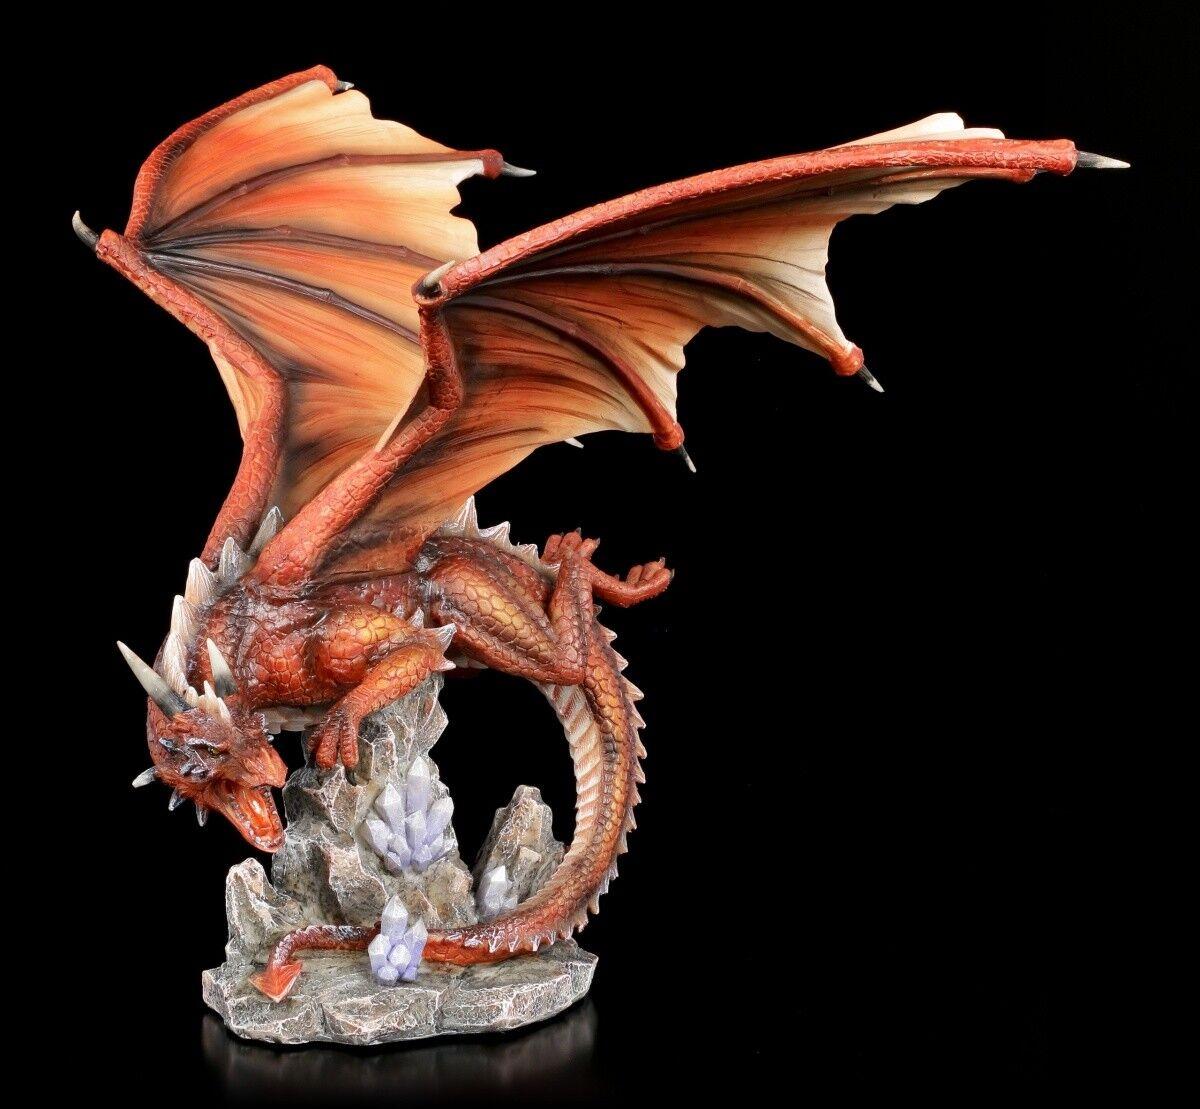 rot Figura de Dragón - Fuego Star - Fantasía Drachenkrieger Escultura